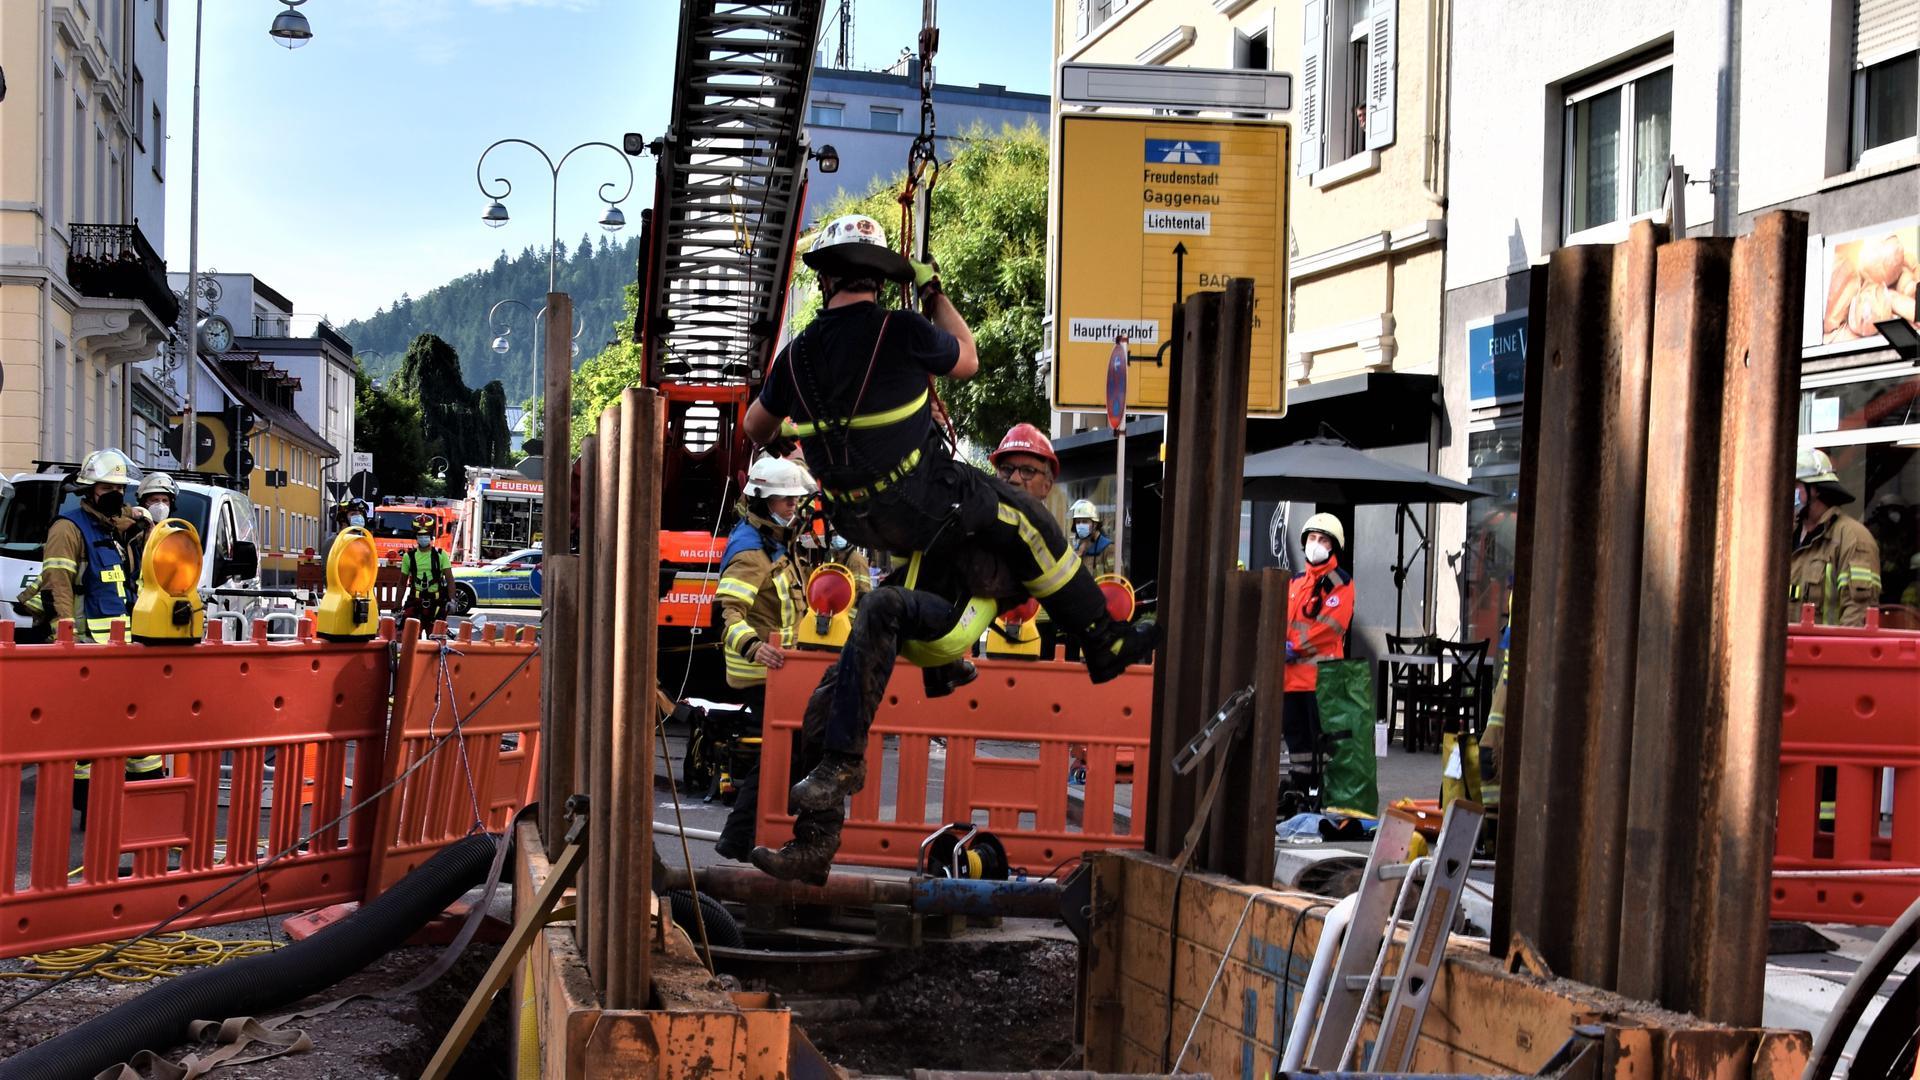 Bauunfall mit verschütteter Person in Baden-Baden